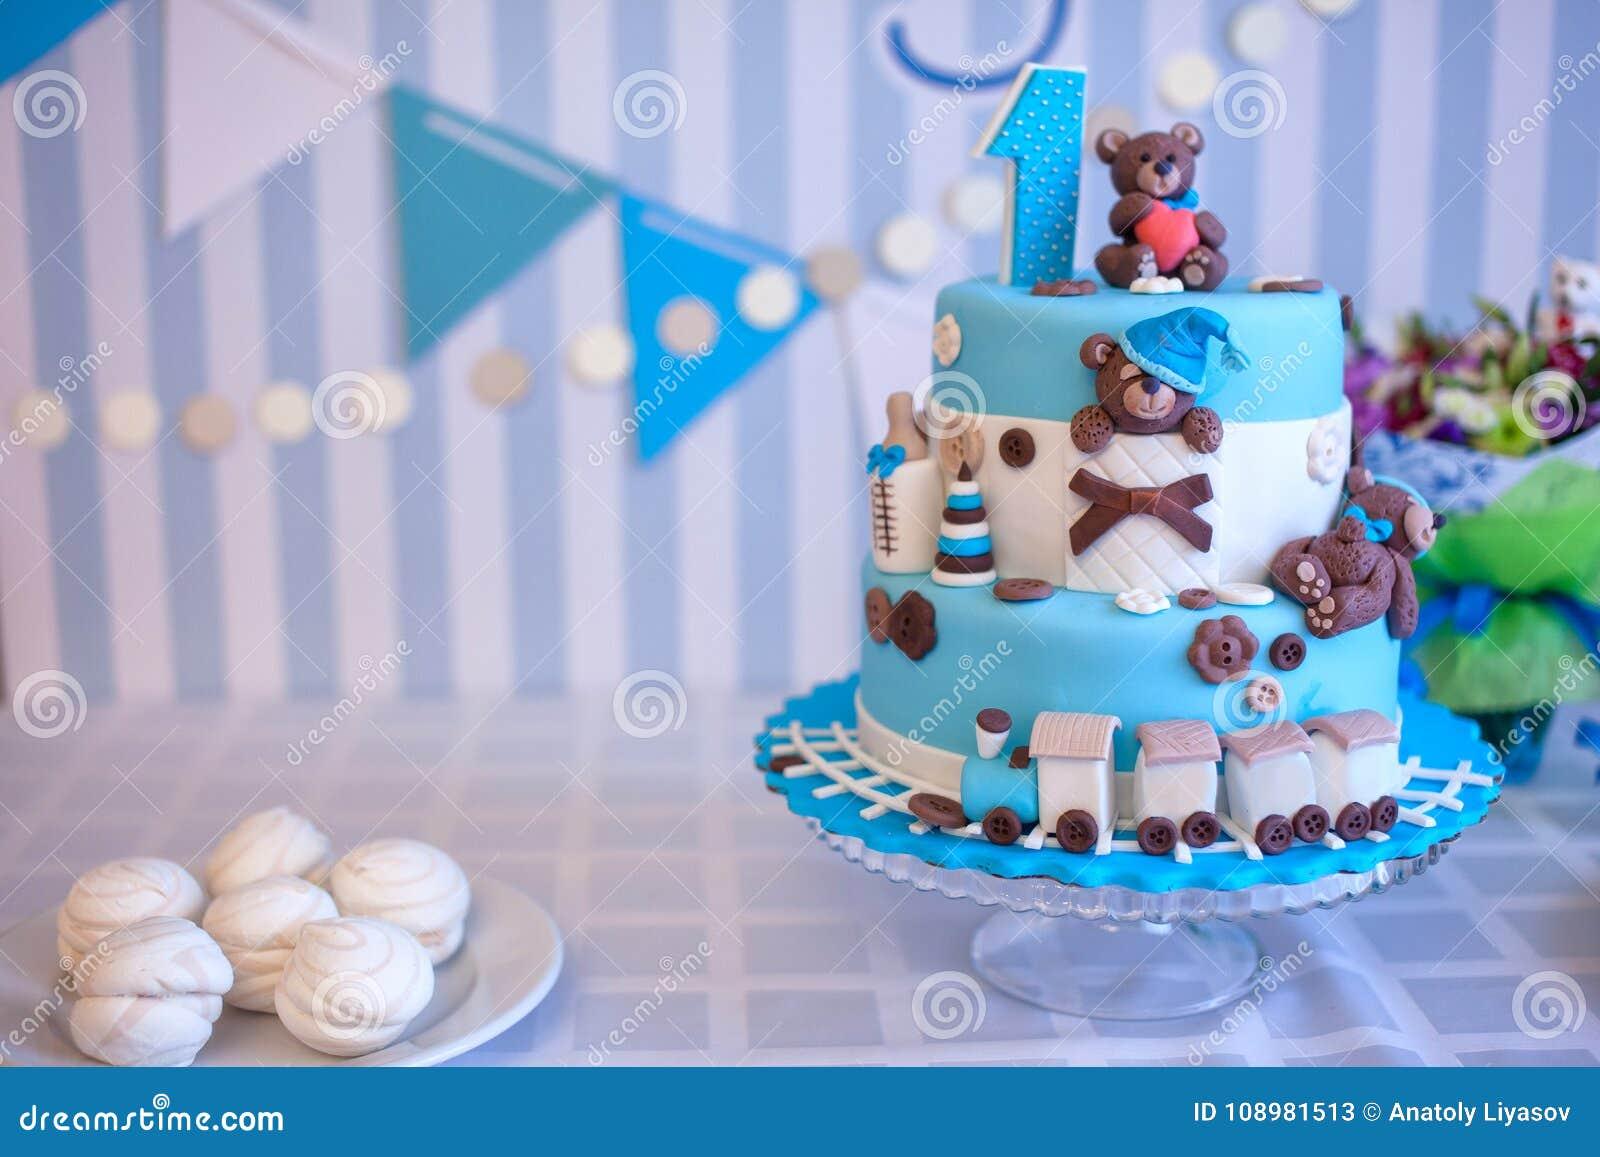 Cake For Birthday Celebration One Year Stock Image Image Of